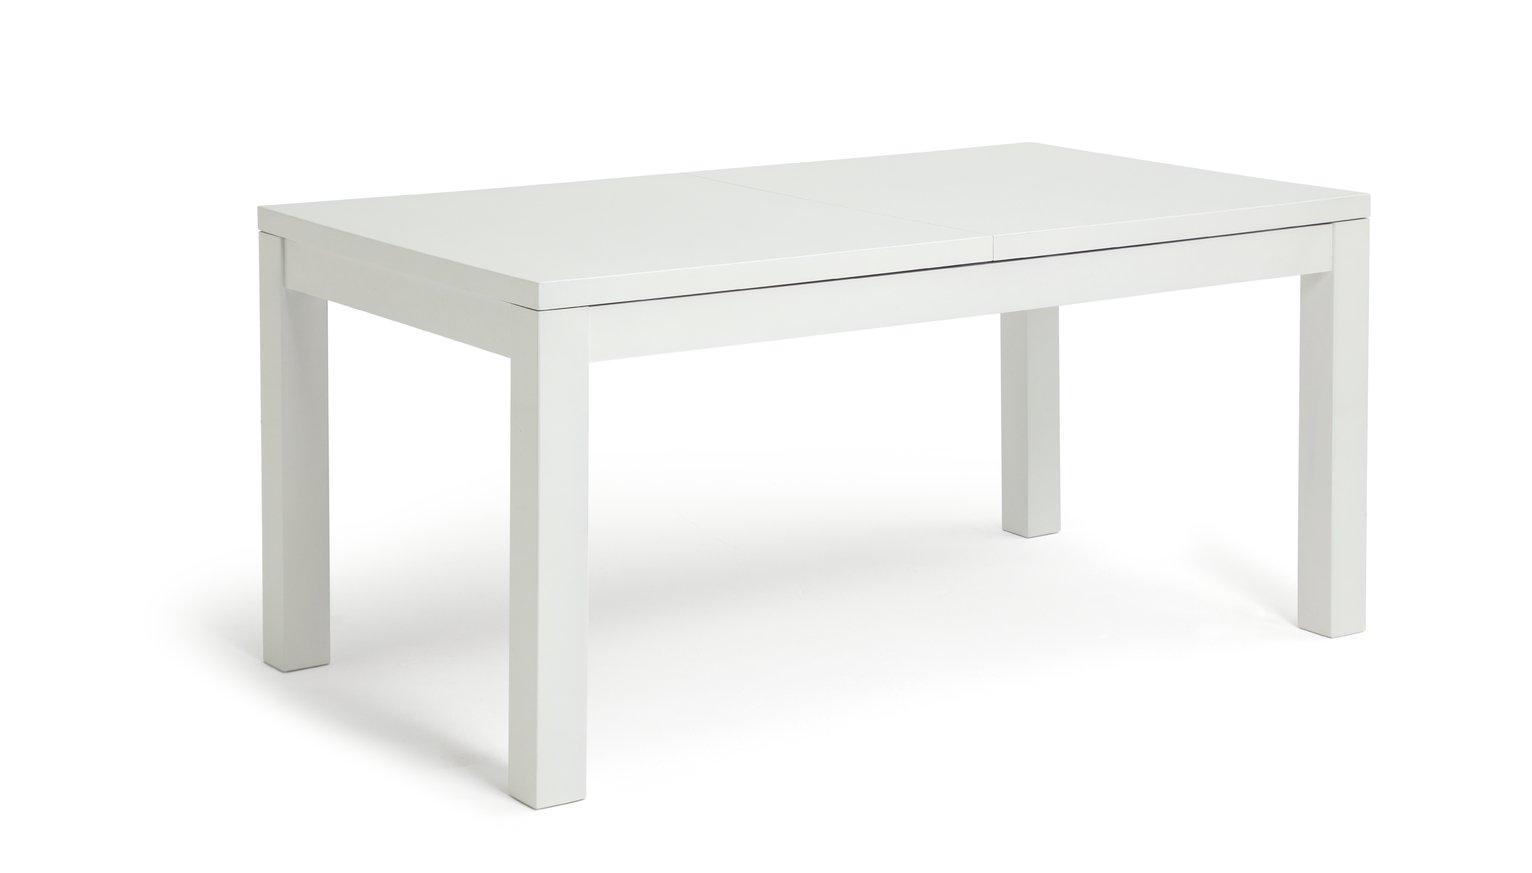 Habitat Lyssa Extending 8-10 Seater Dining Table - White